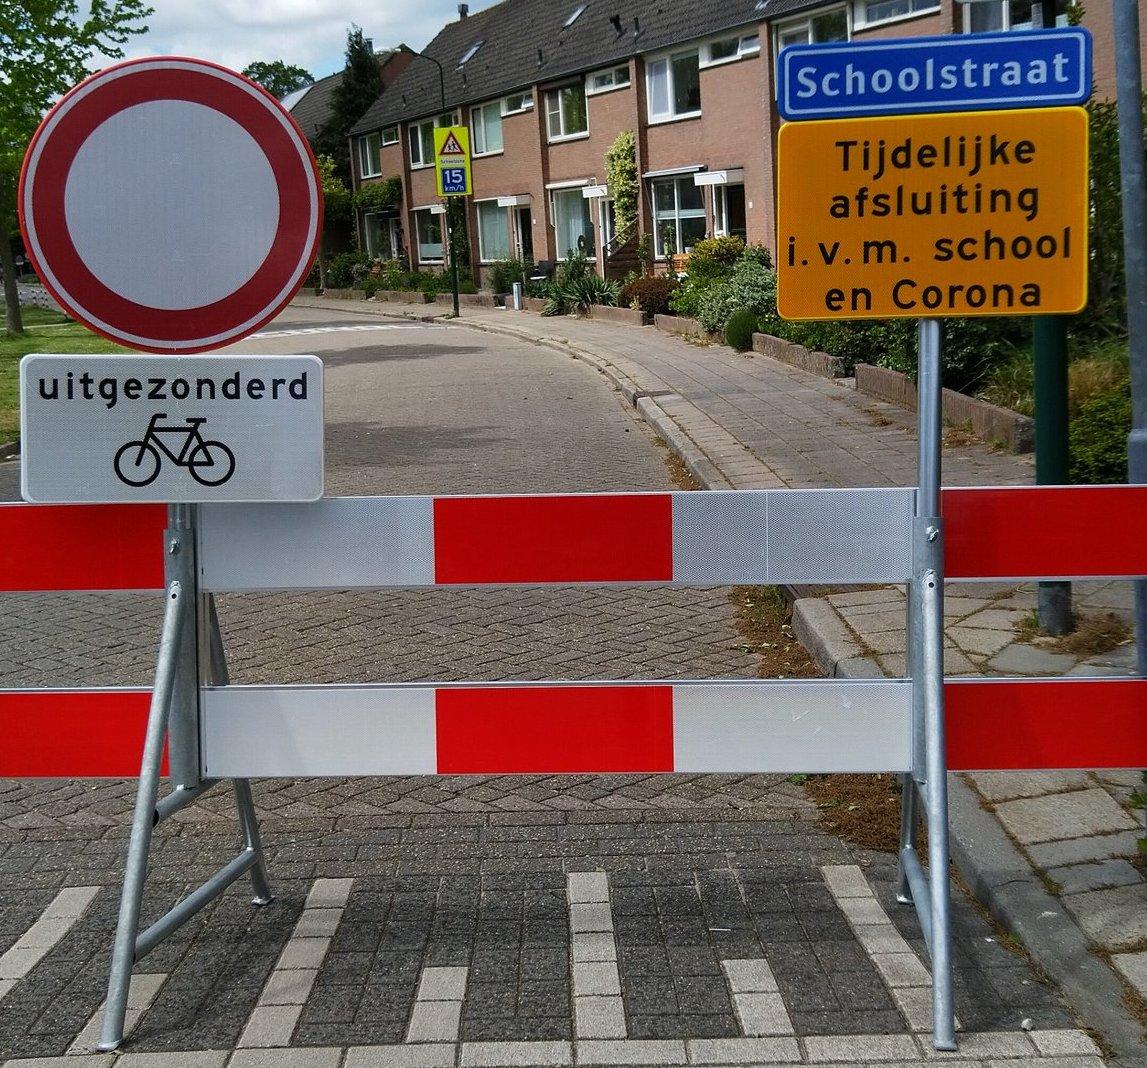 Schoolstraat gesloten voor auto's